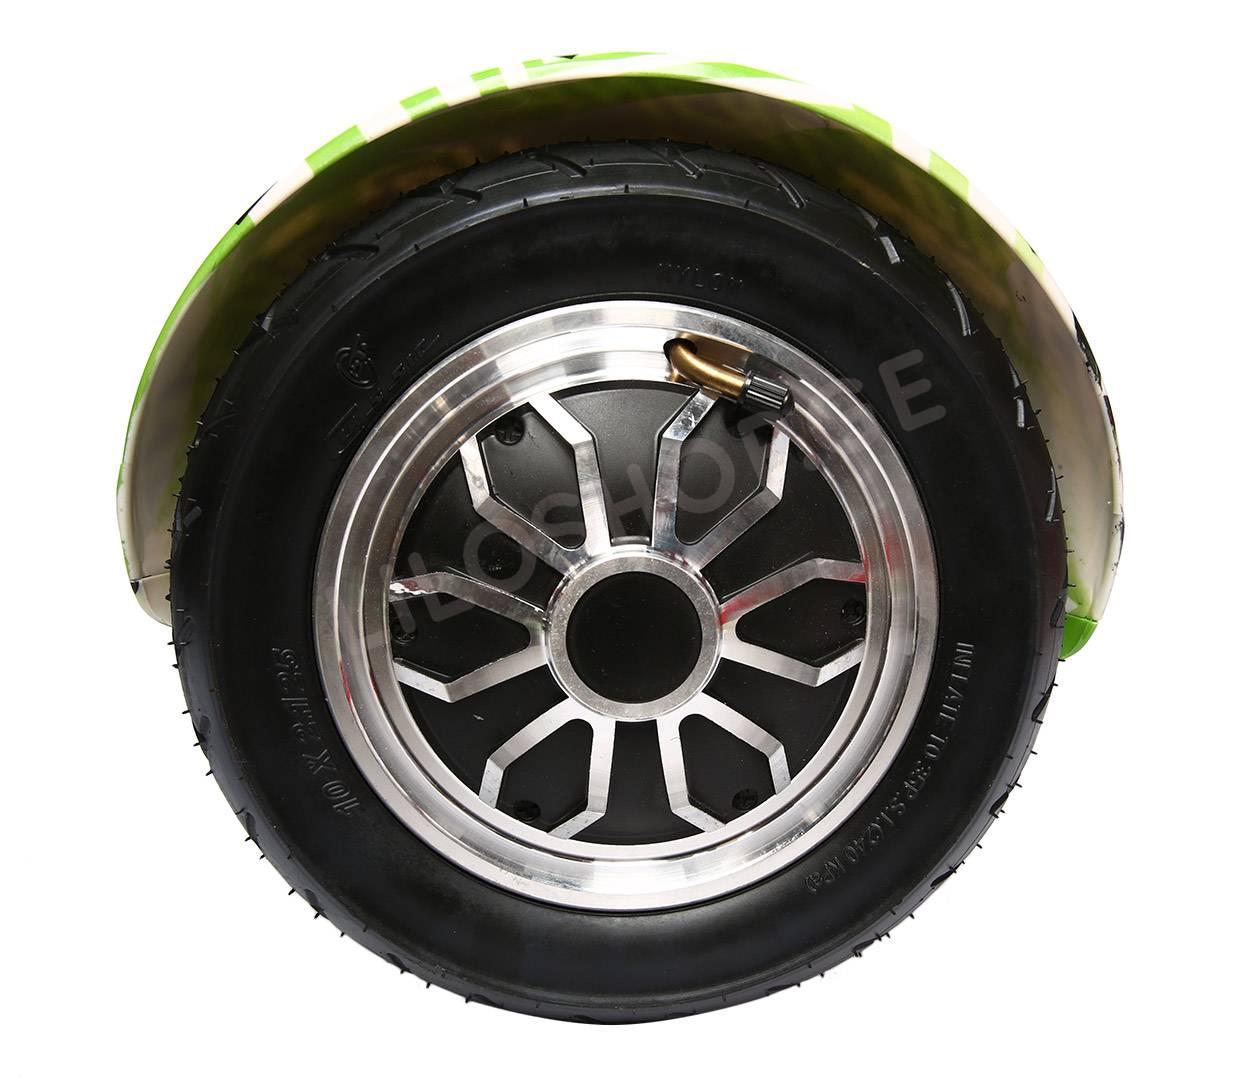 ჰოვერბორდი 10 Inch მწვანე ფერის 30718 - LILOSHOP.GE